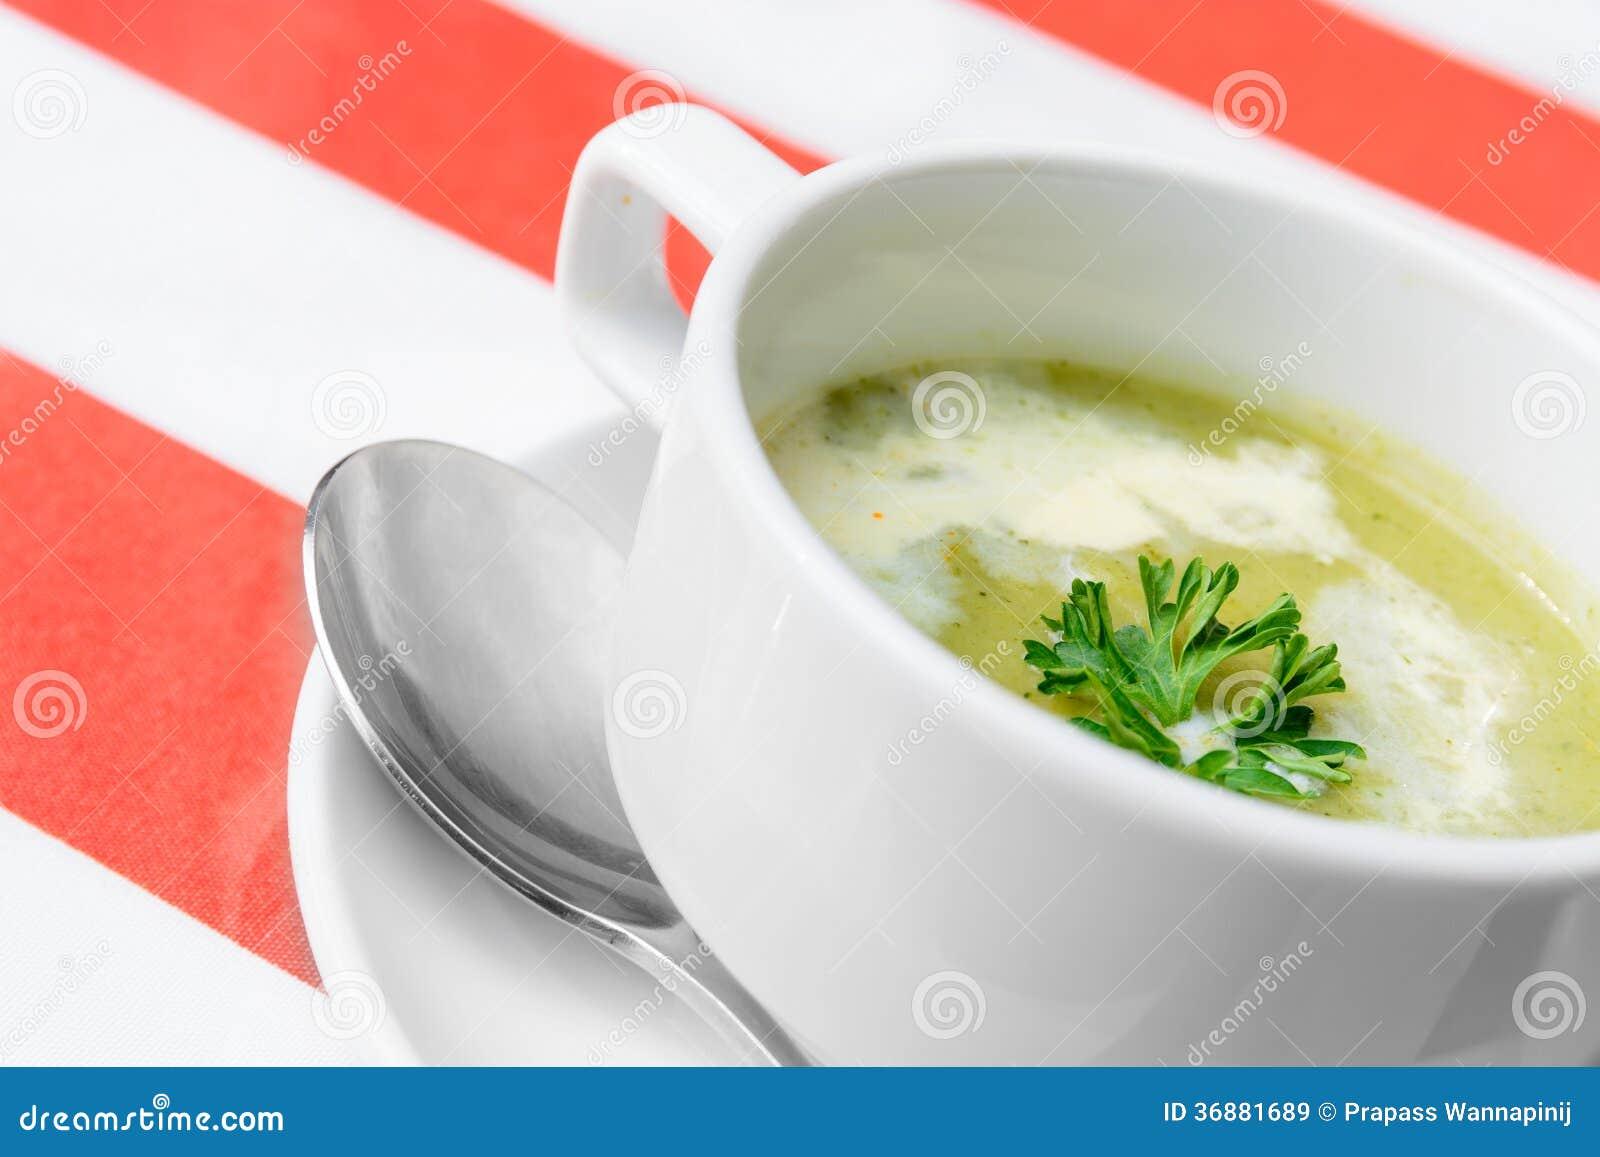 Download Minestra dei broccoli immagine stock. Immagine di sano - 36881689